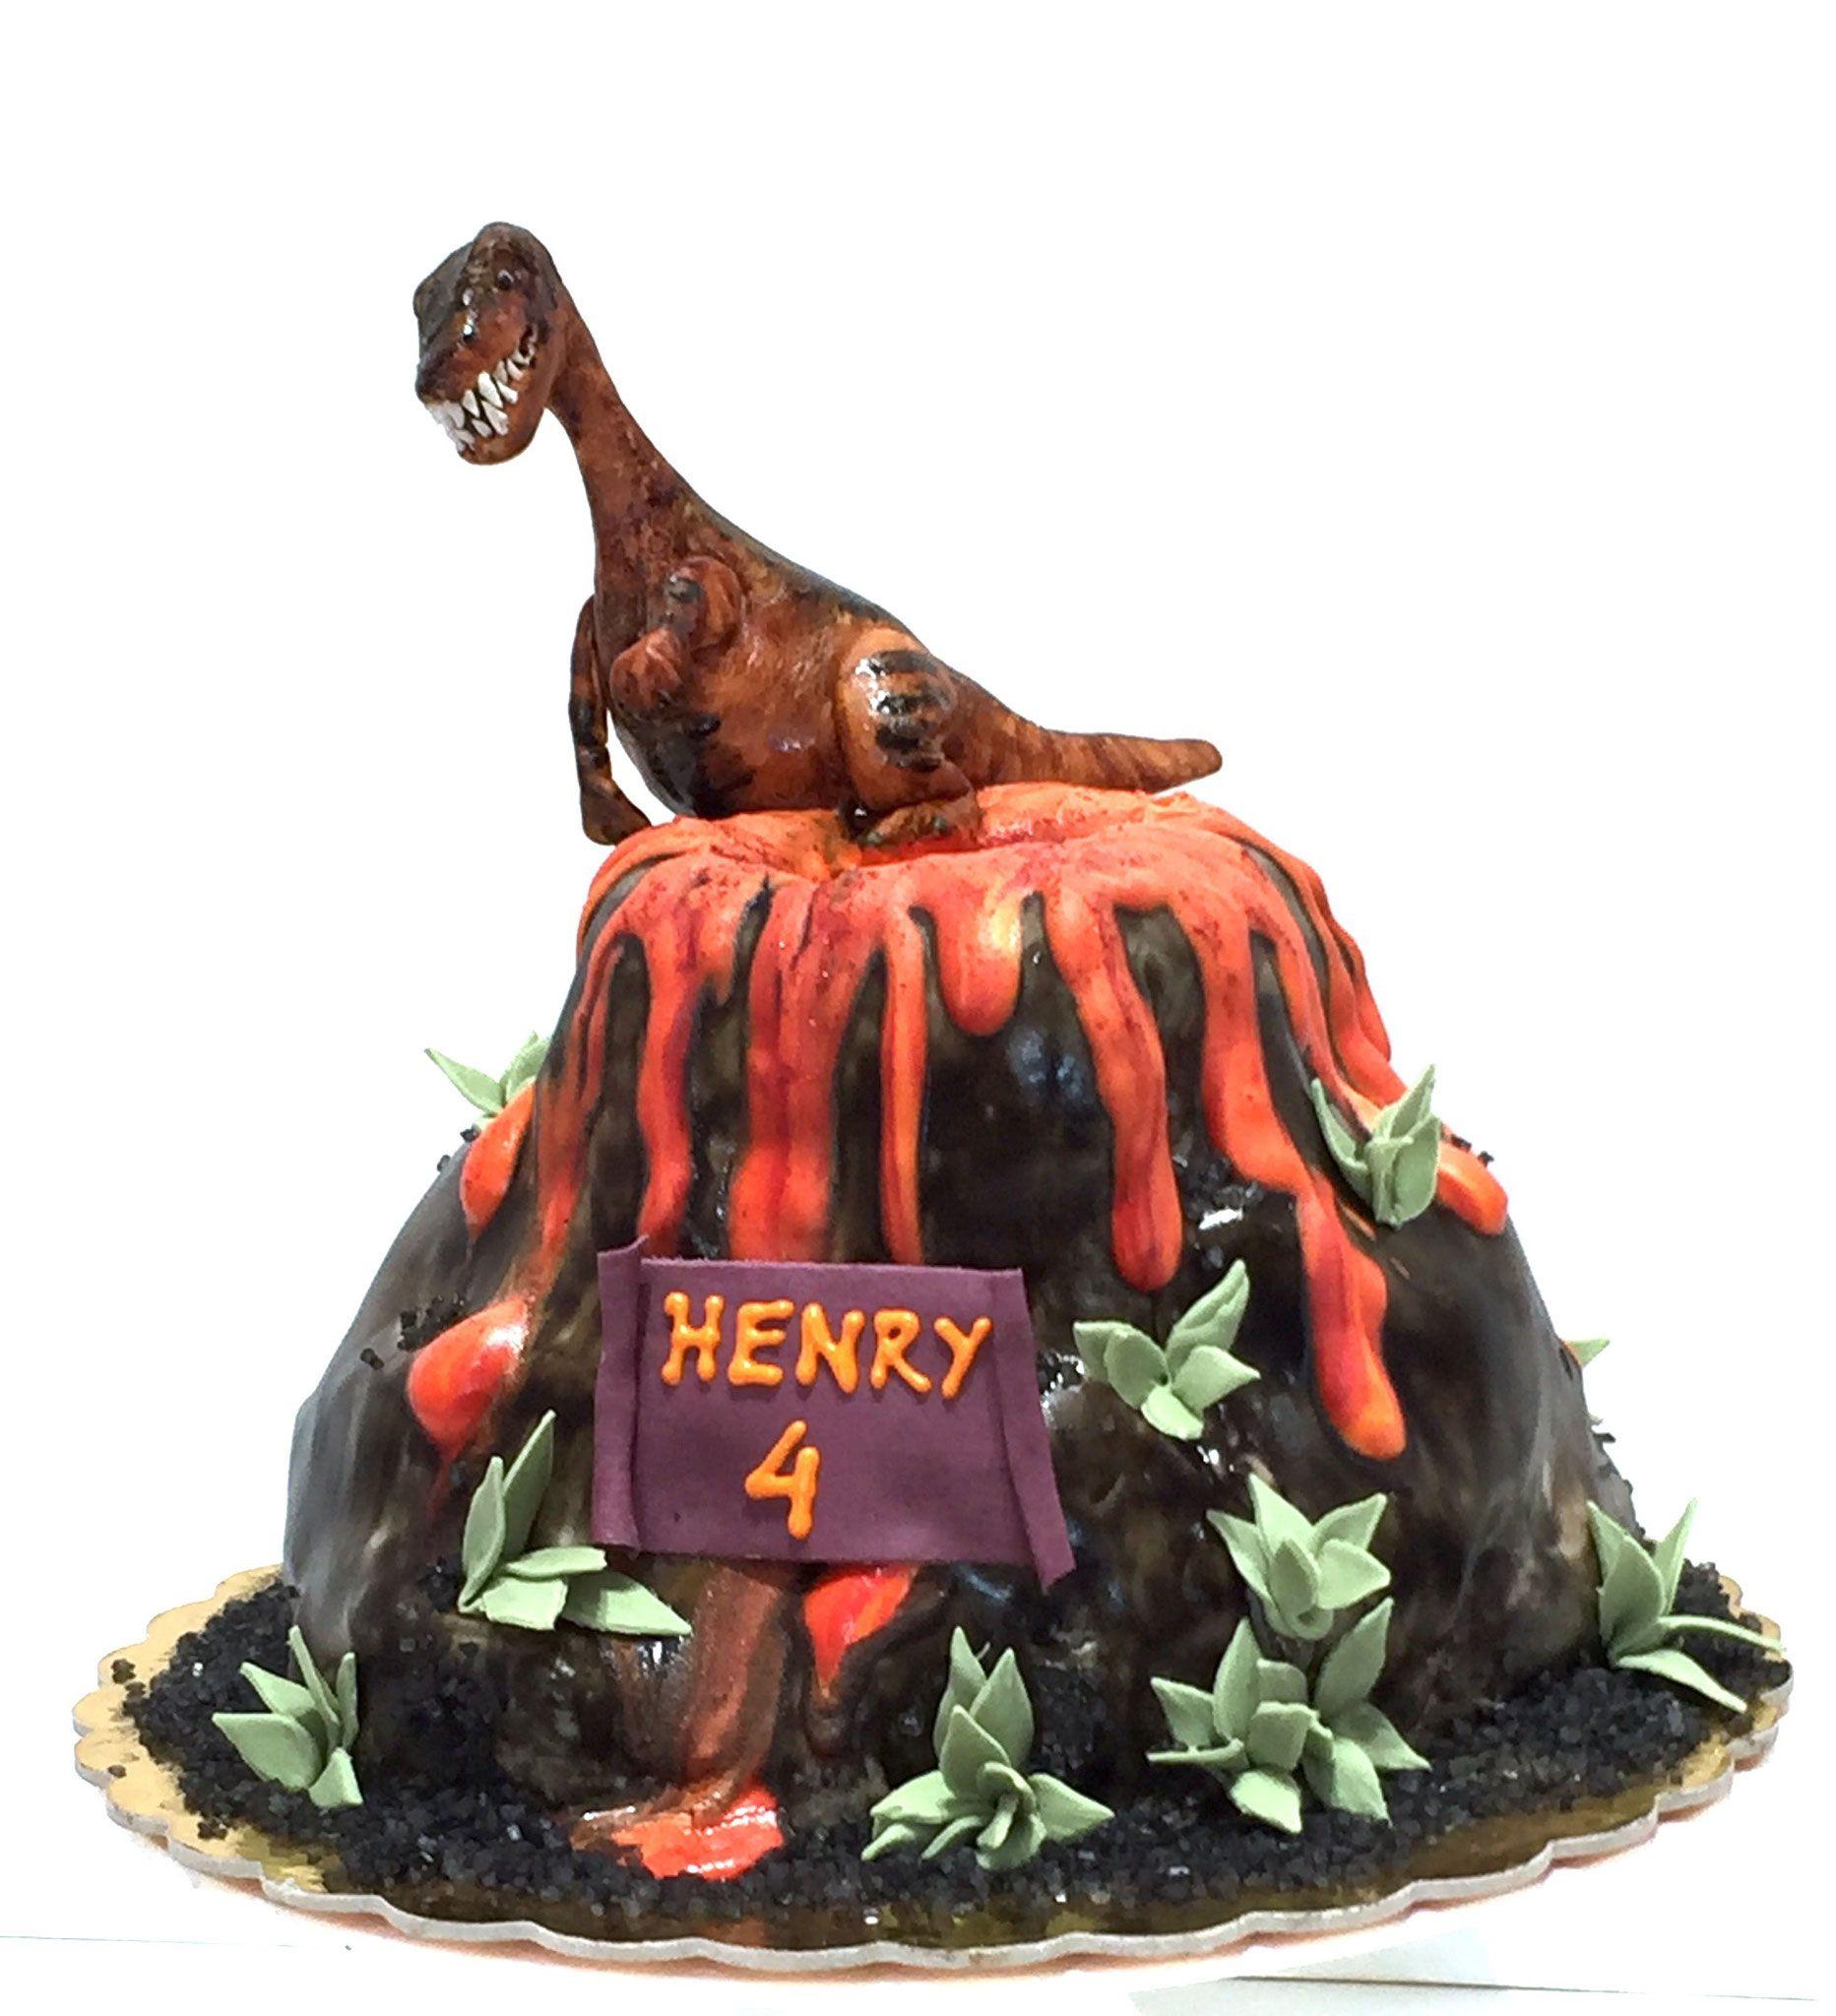 Gutschein Sweetycakes In 2019 Birthdays Dinosaur Cake Cake Und